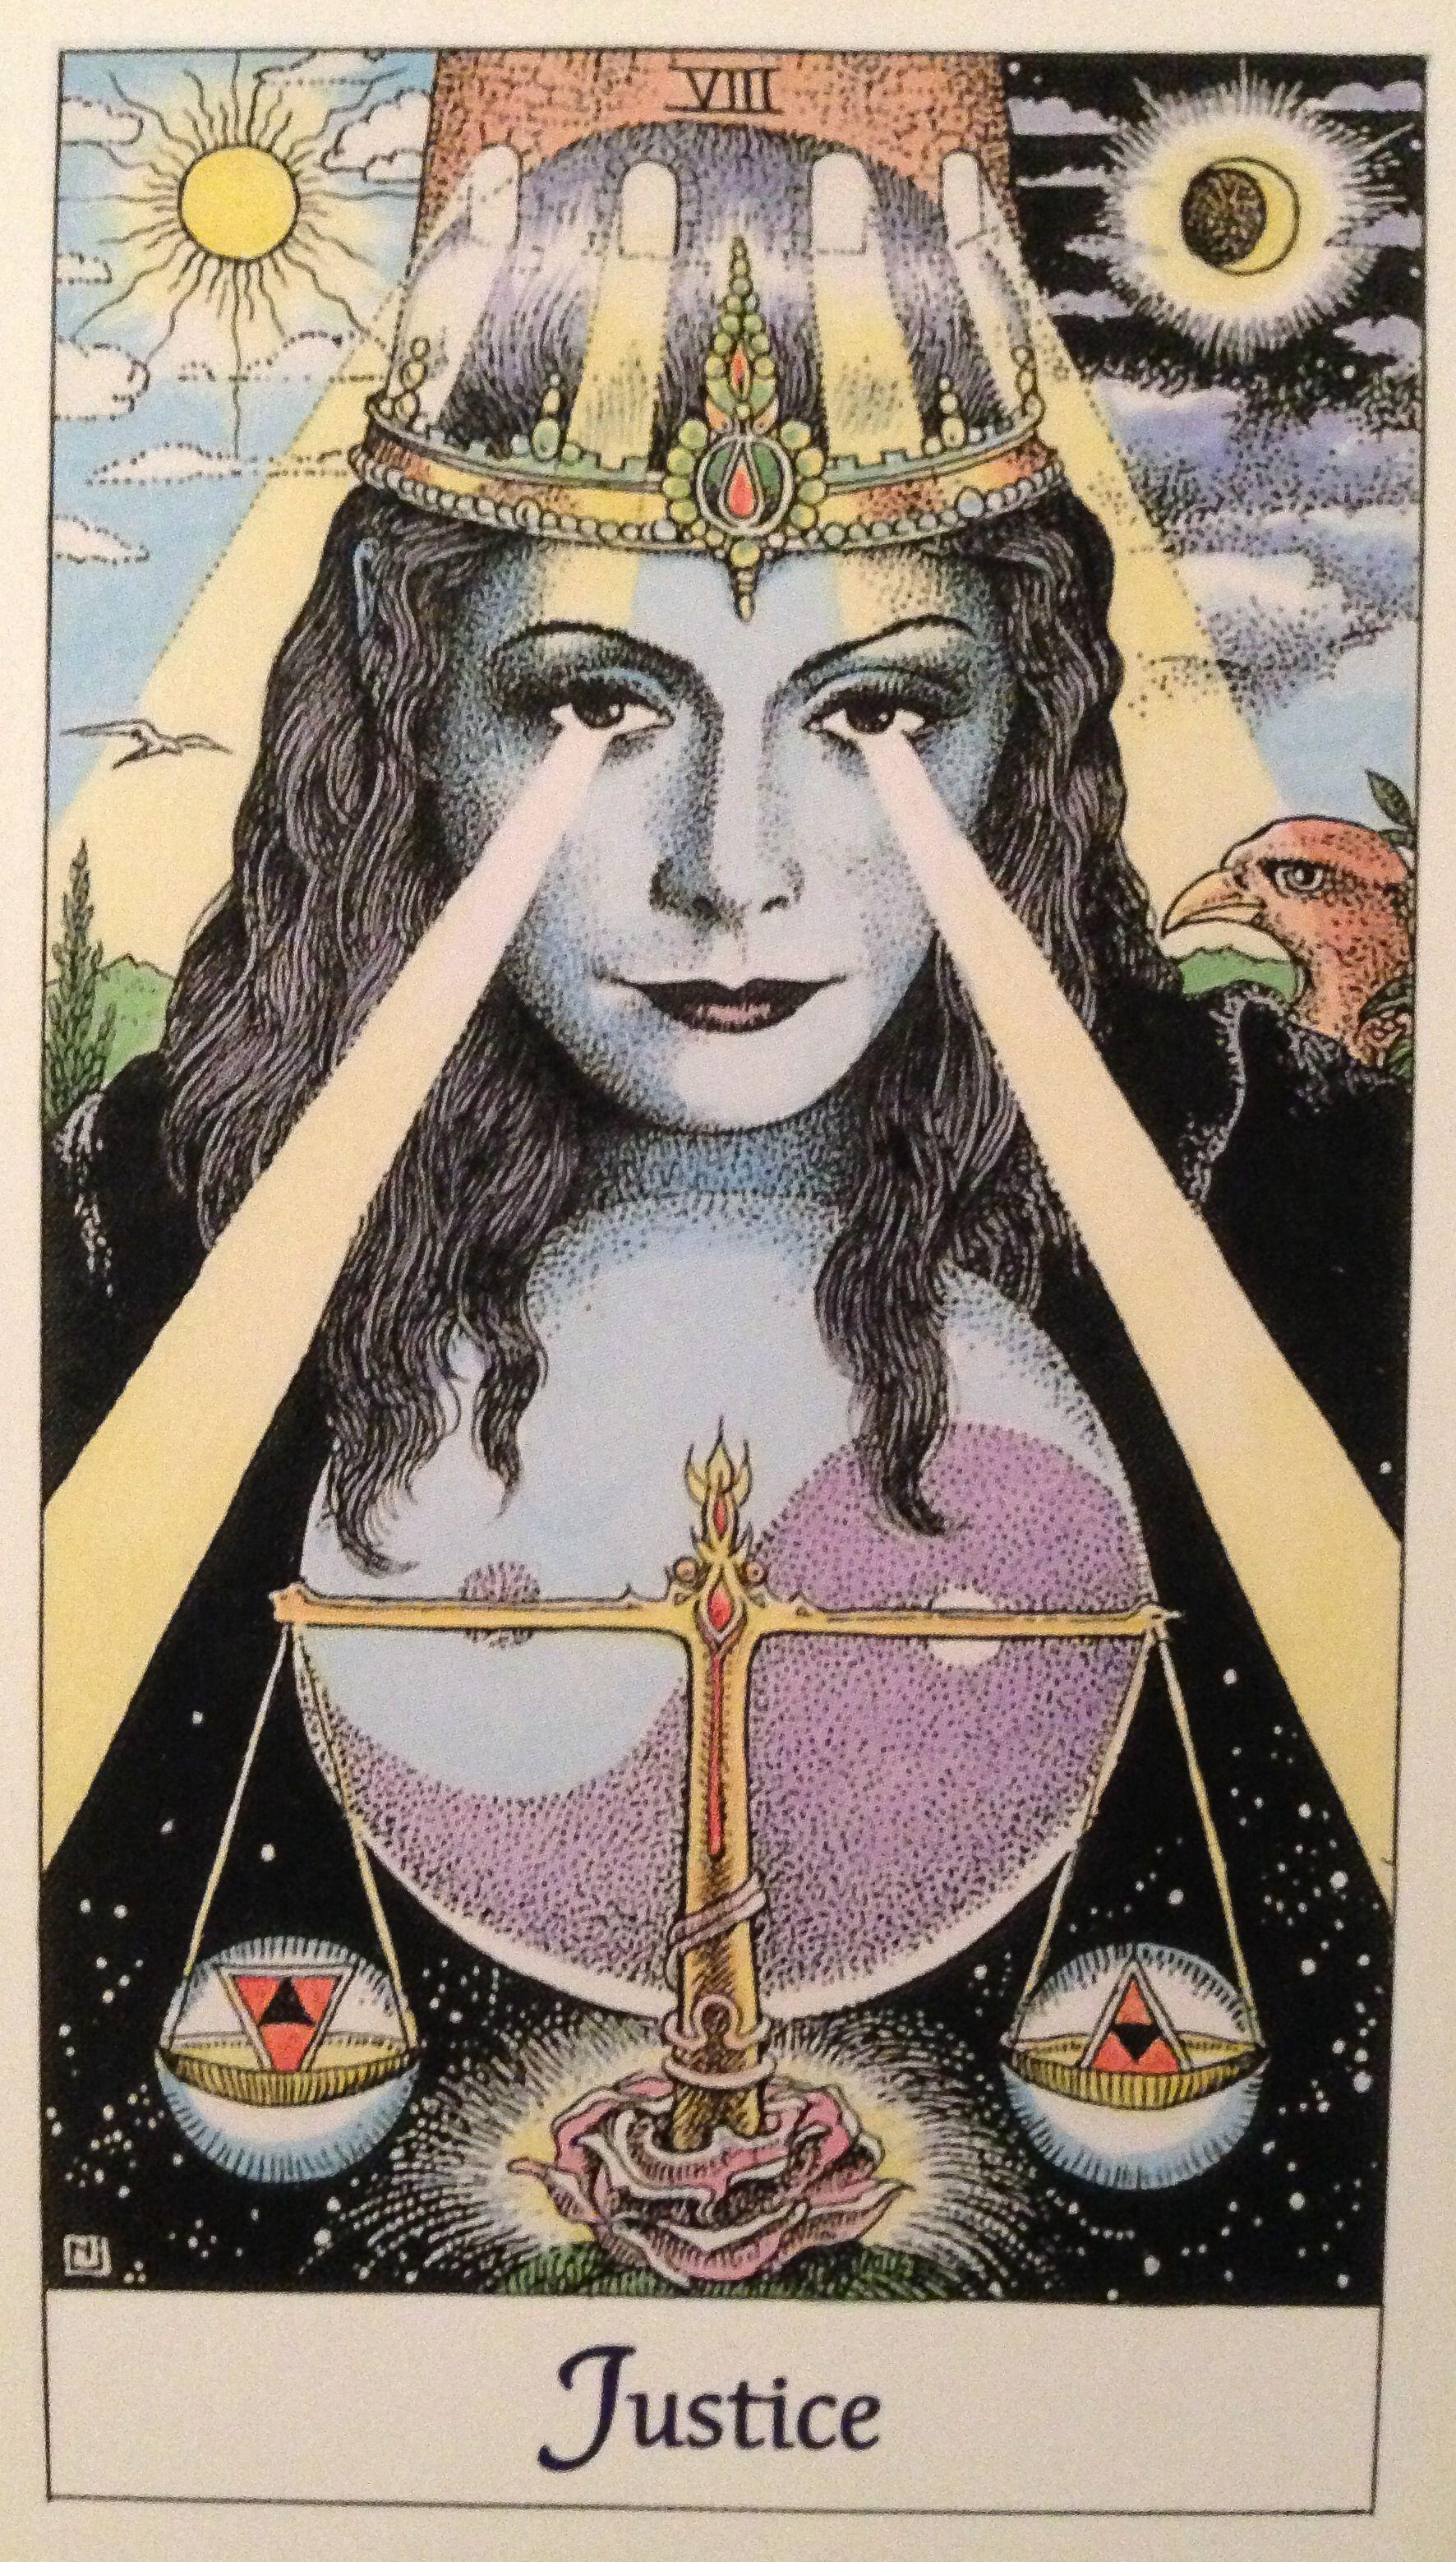 Libra Astrology Zodiac Tarot Justice Cosmictarot Tarotcards Scales Yingyang Horoscope With Images Tarot Cards Art